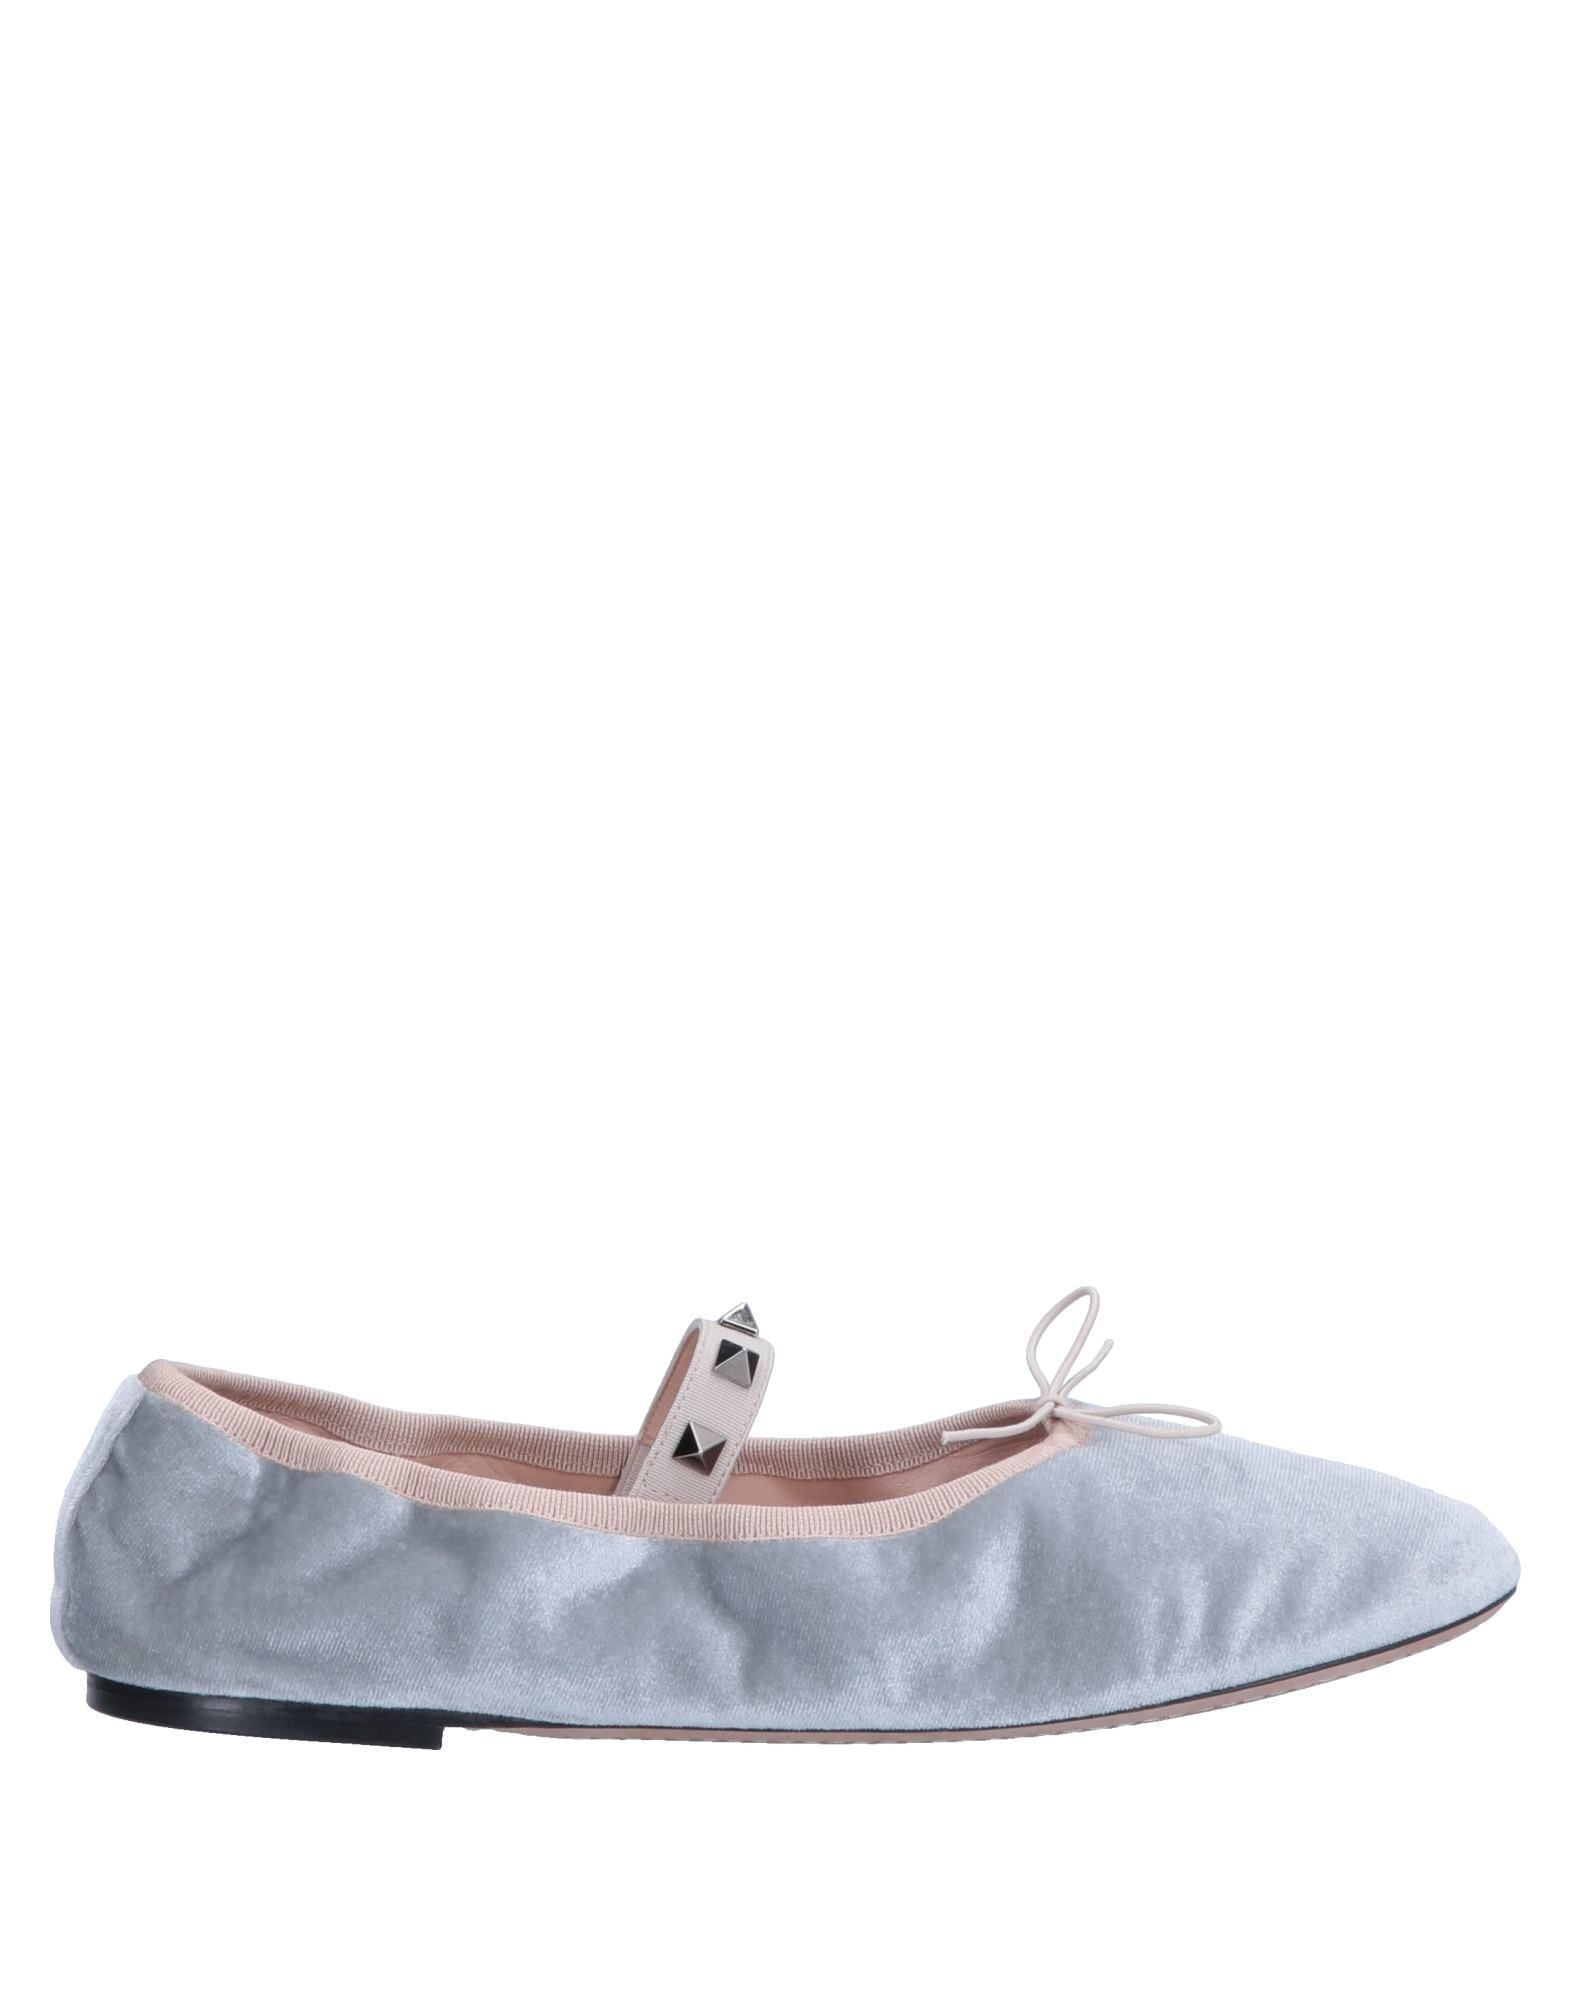 Valentino Garavani Valentino Ballet Flats - Women Valentino Garavani Garavani Ballet Flats online on  United Kingdom - 11554548LK a42918